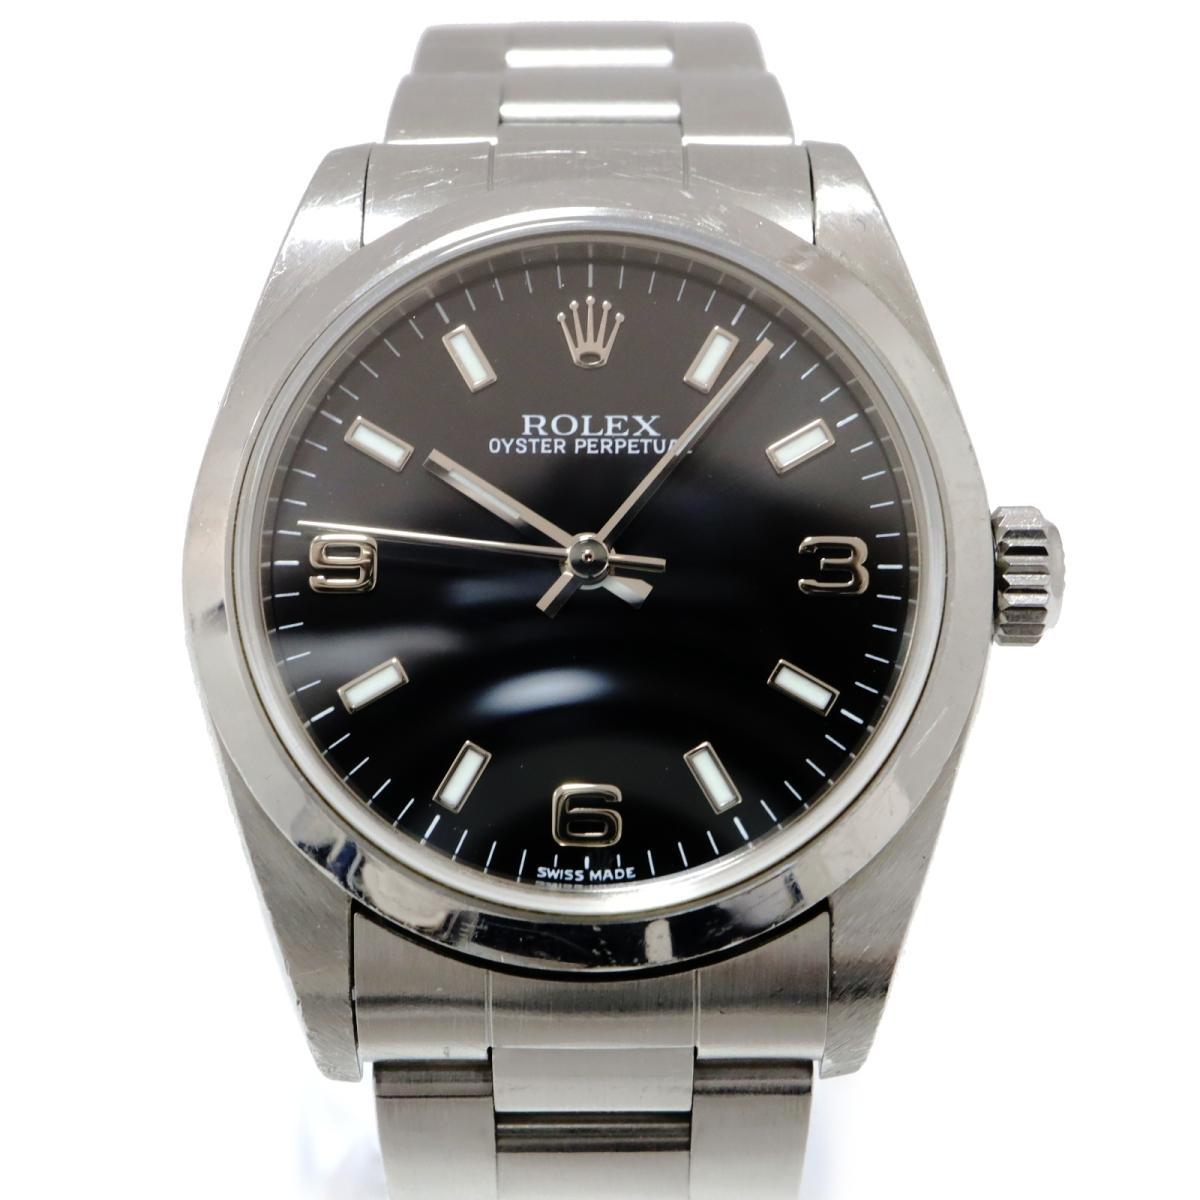 非常に高い品質 【】 ロレックス オイスター パーペチュアル 腕時計 メンズ レディース ステンレススチール (SS) ブラック (77080) | ROLEX BRANDOFF ブランドオフ ブランド ブランド時計 ブランド腕時計 時計 ウォッチ, アツギシ a54169e8